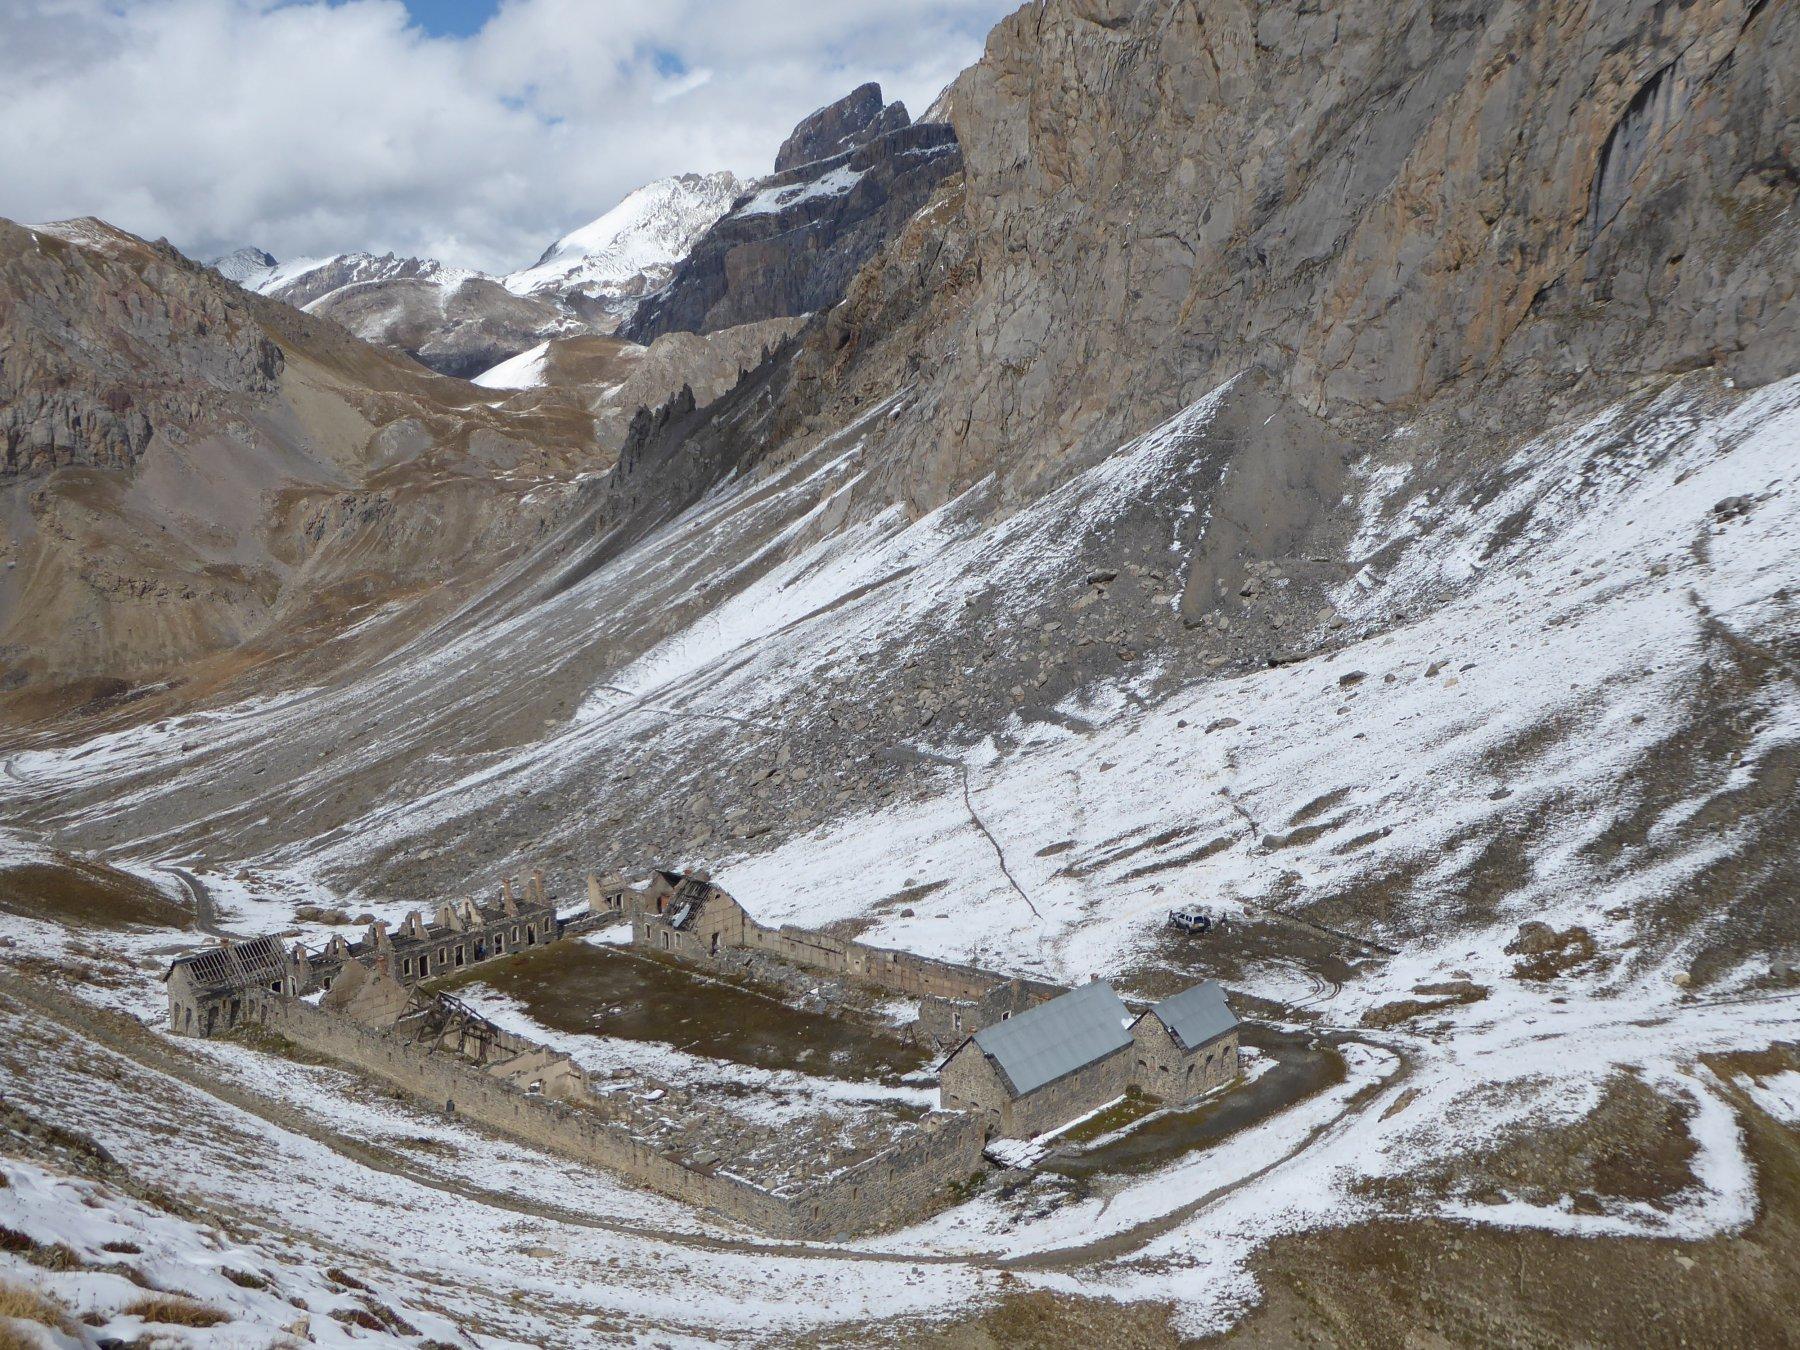 baraquements de Viraysse: si vede il taglio del sentiero proveniente dalla quota 2470 m.